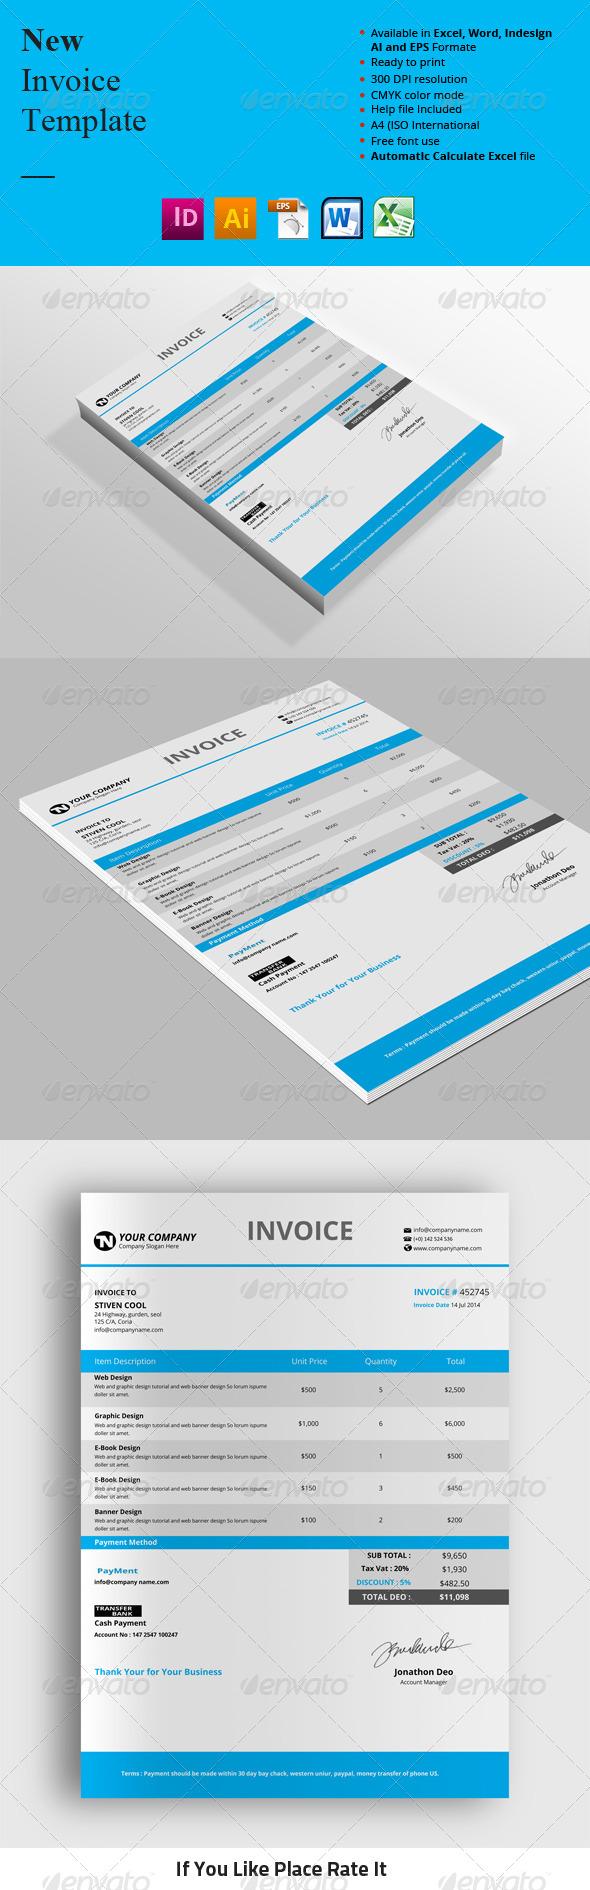 GraphicRiver New Invoice Templates 8413739